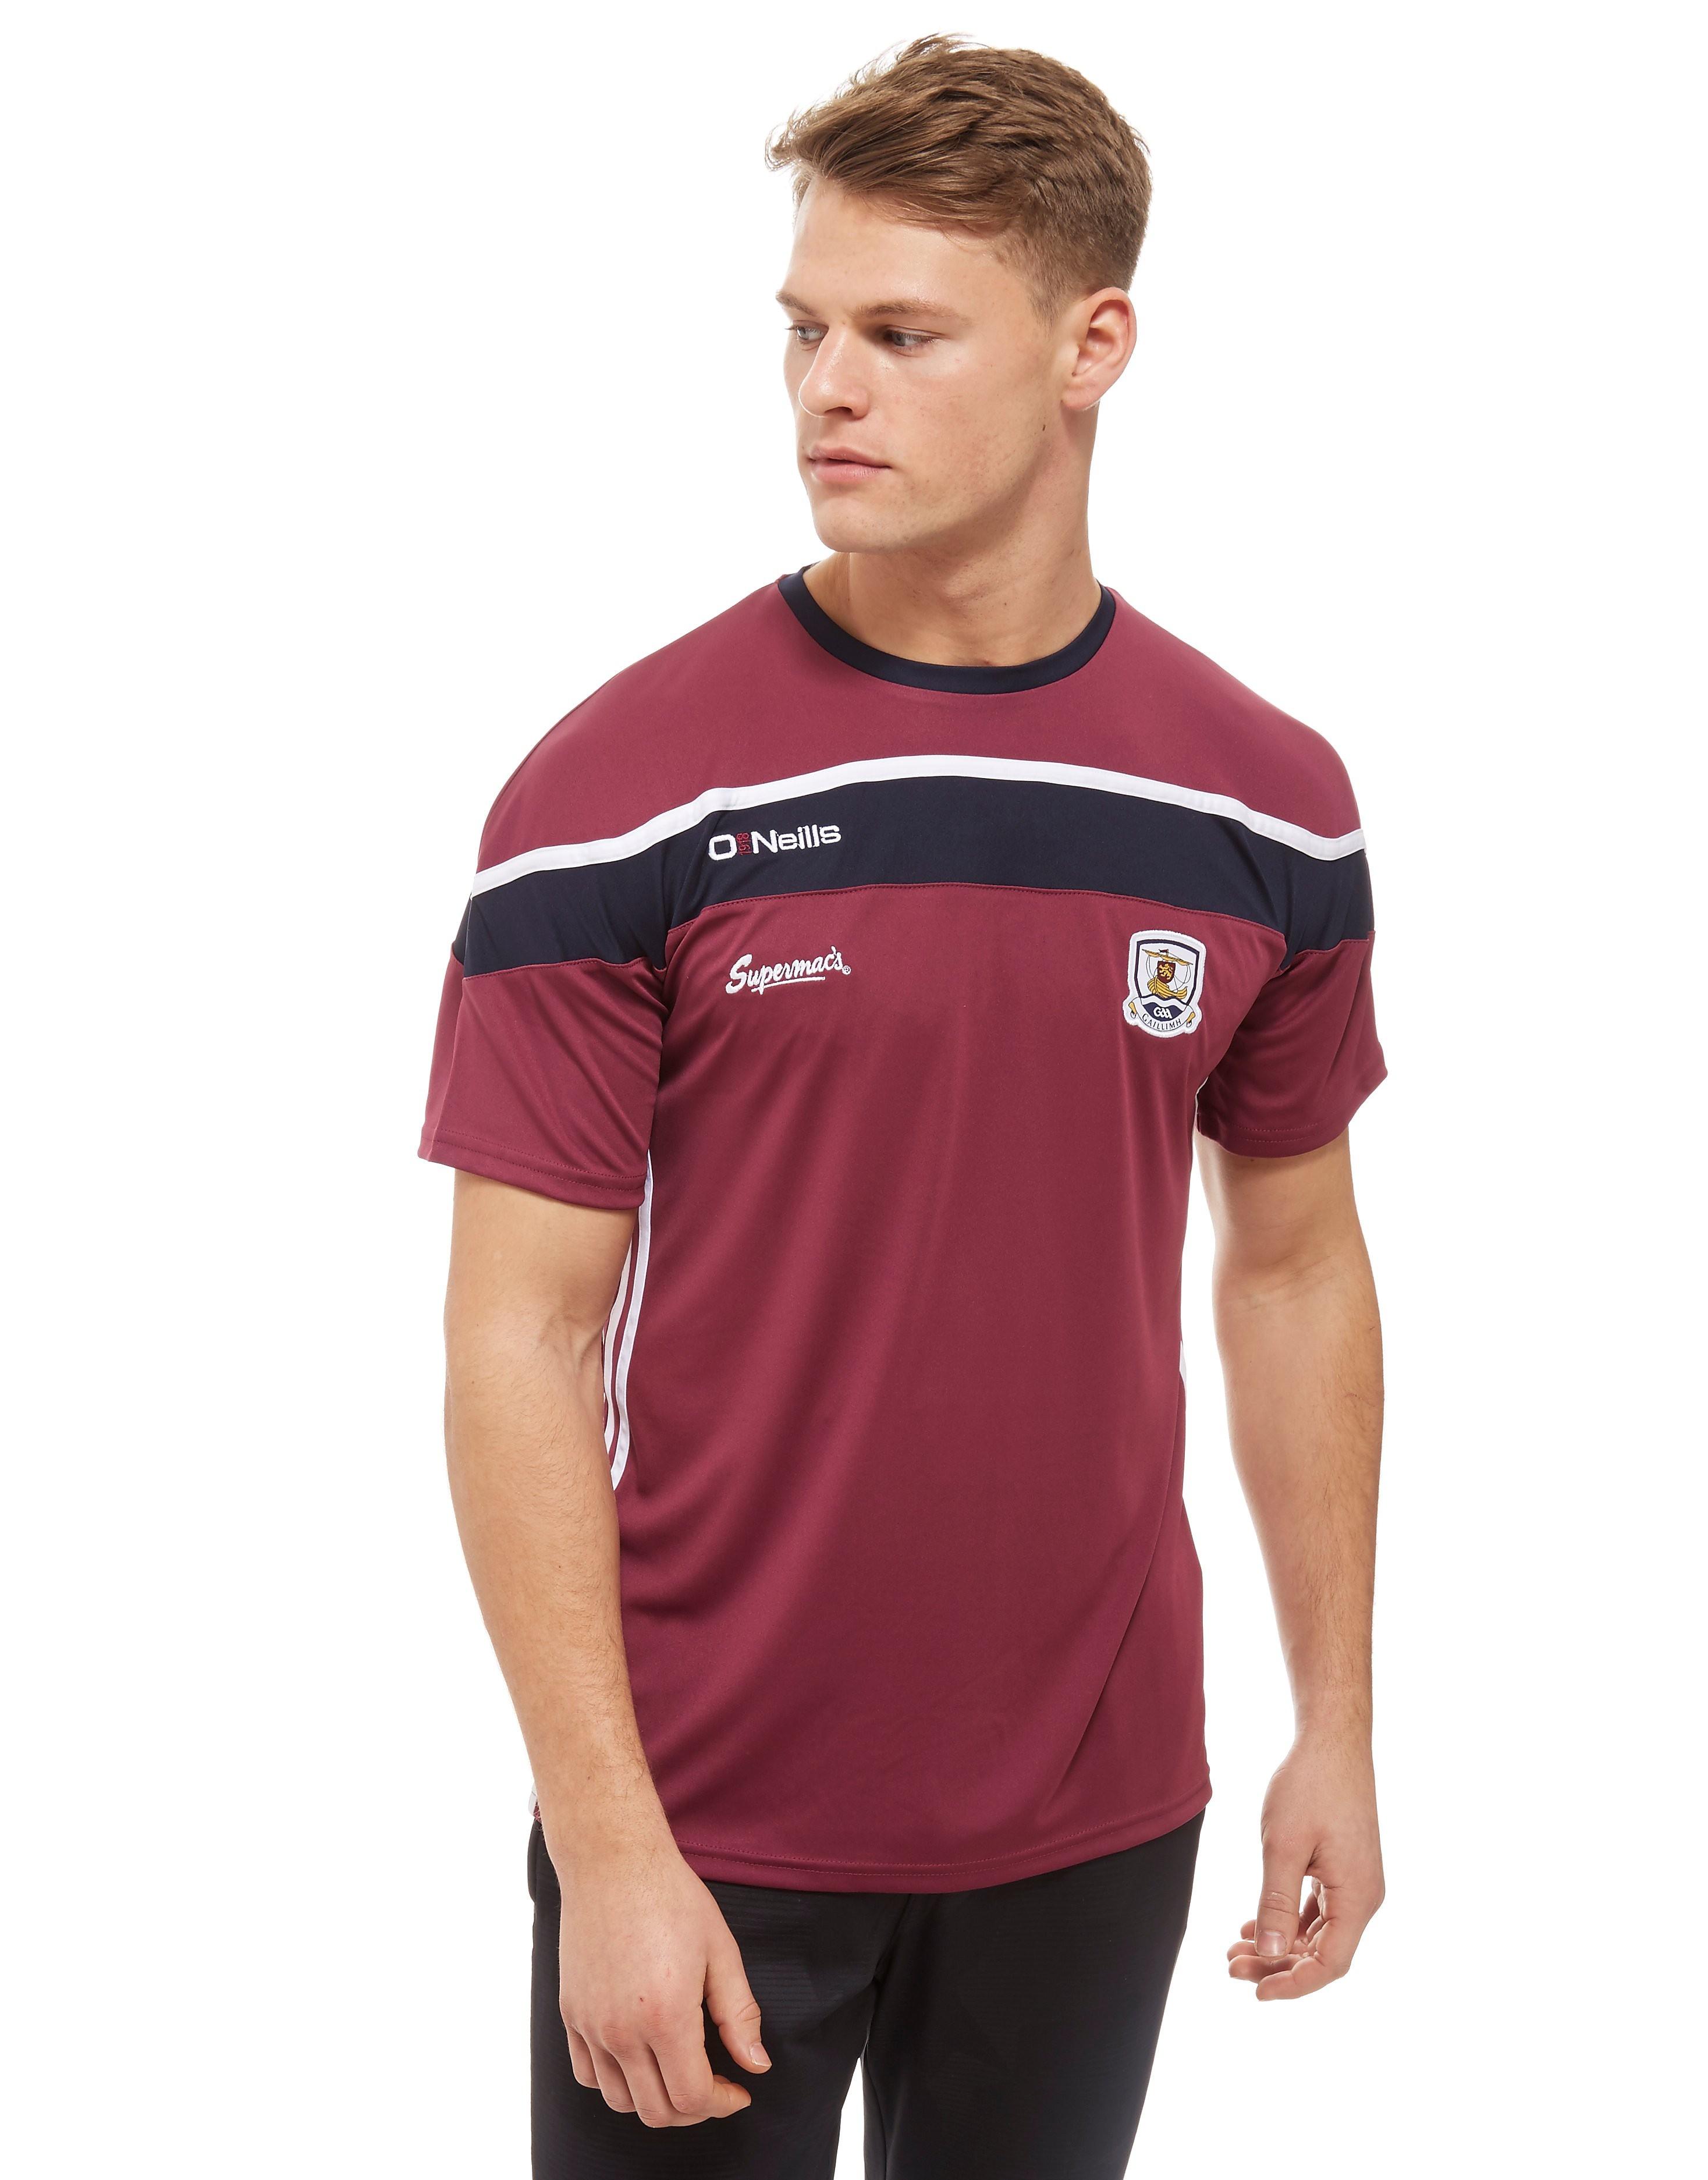 O'Neills Galway T-Shirt